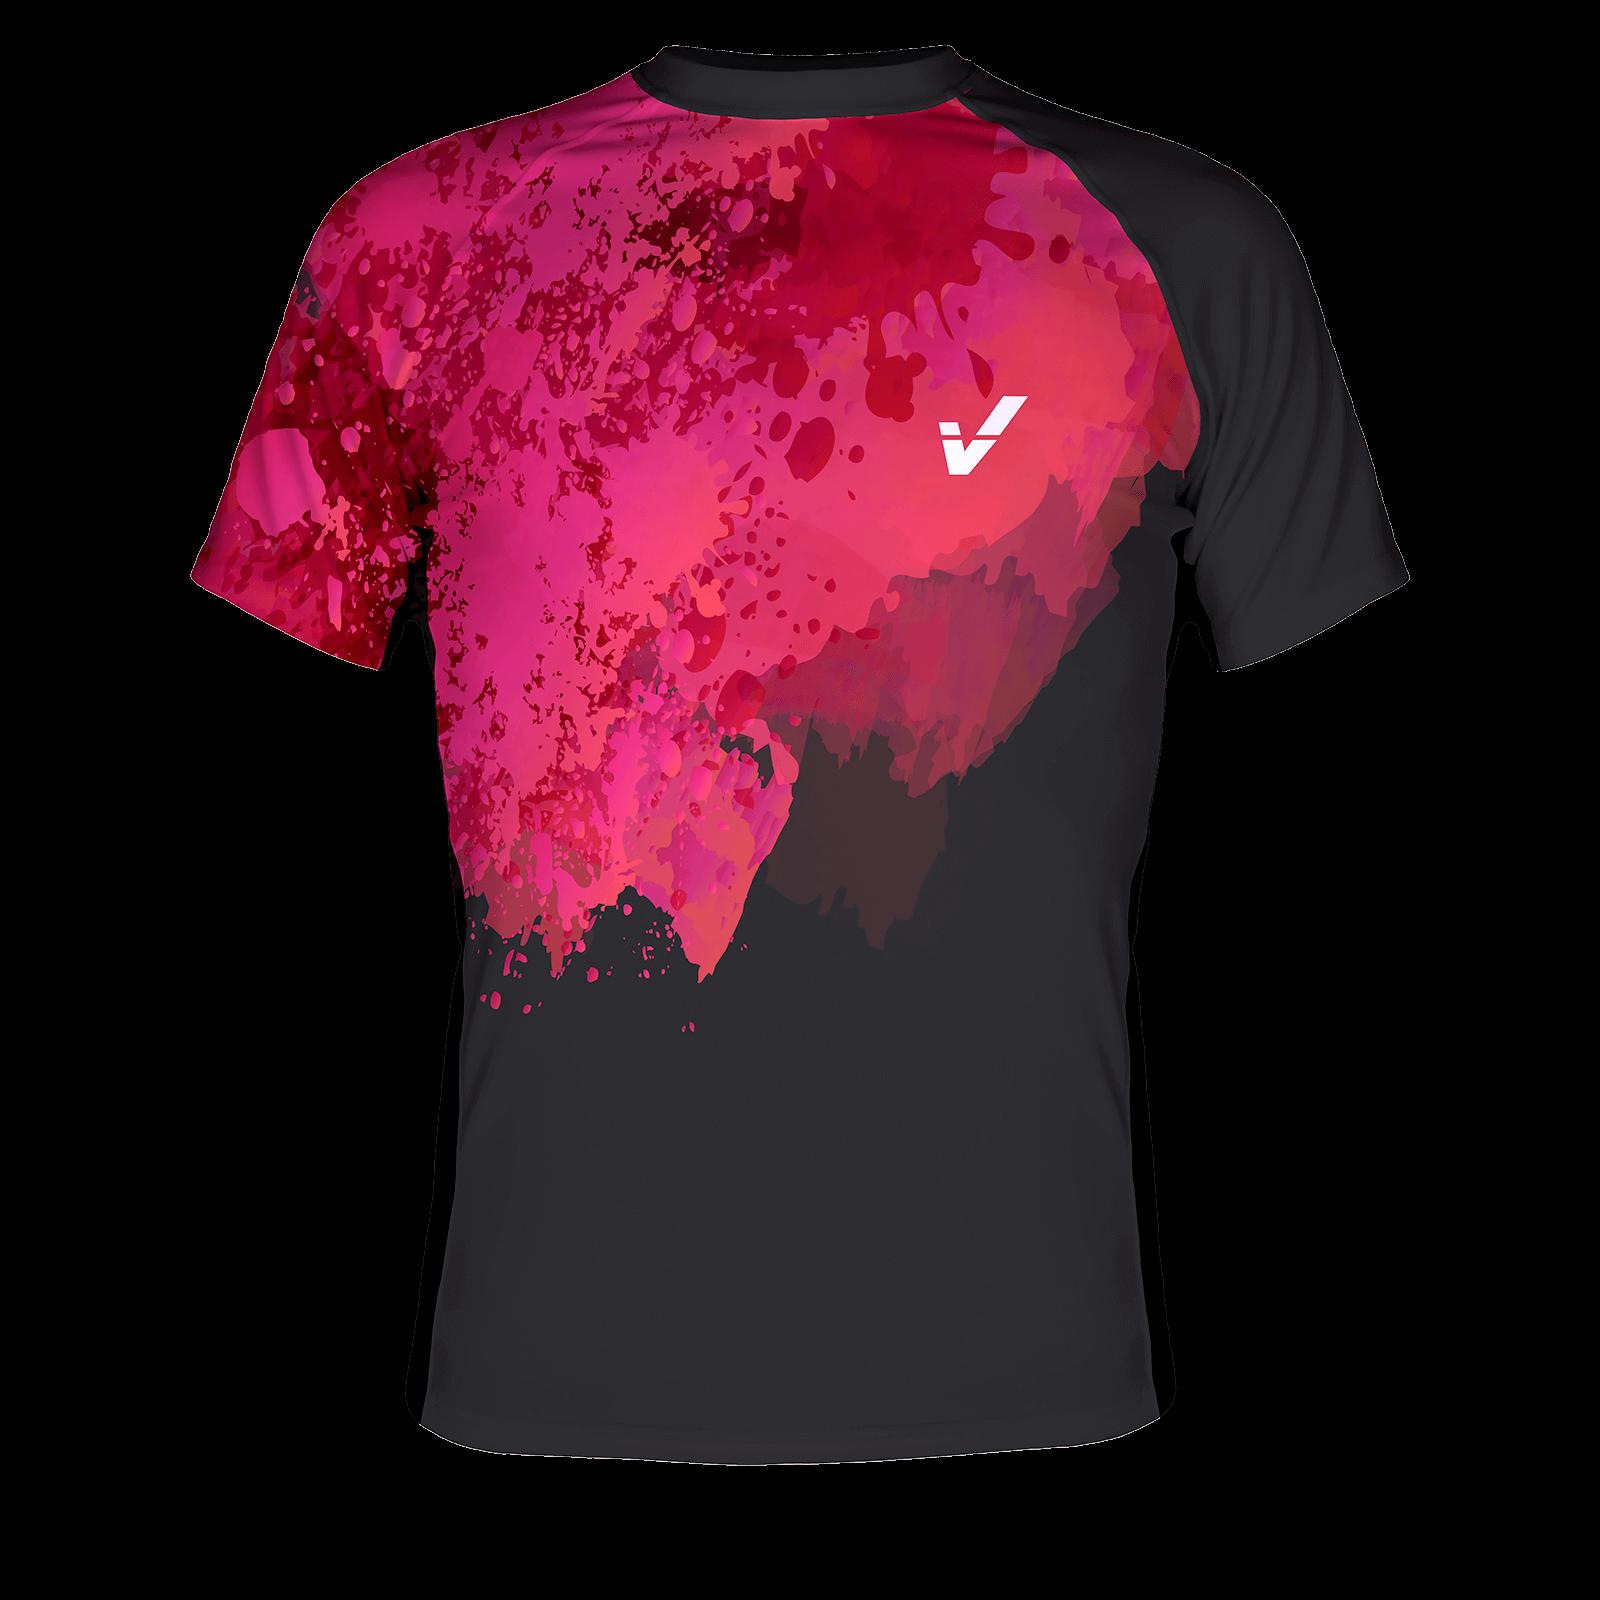 Koszulka męska PRINT różowa